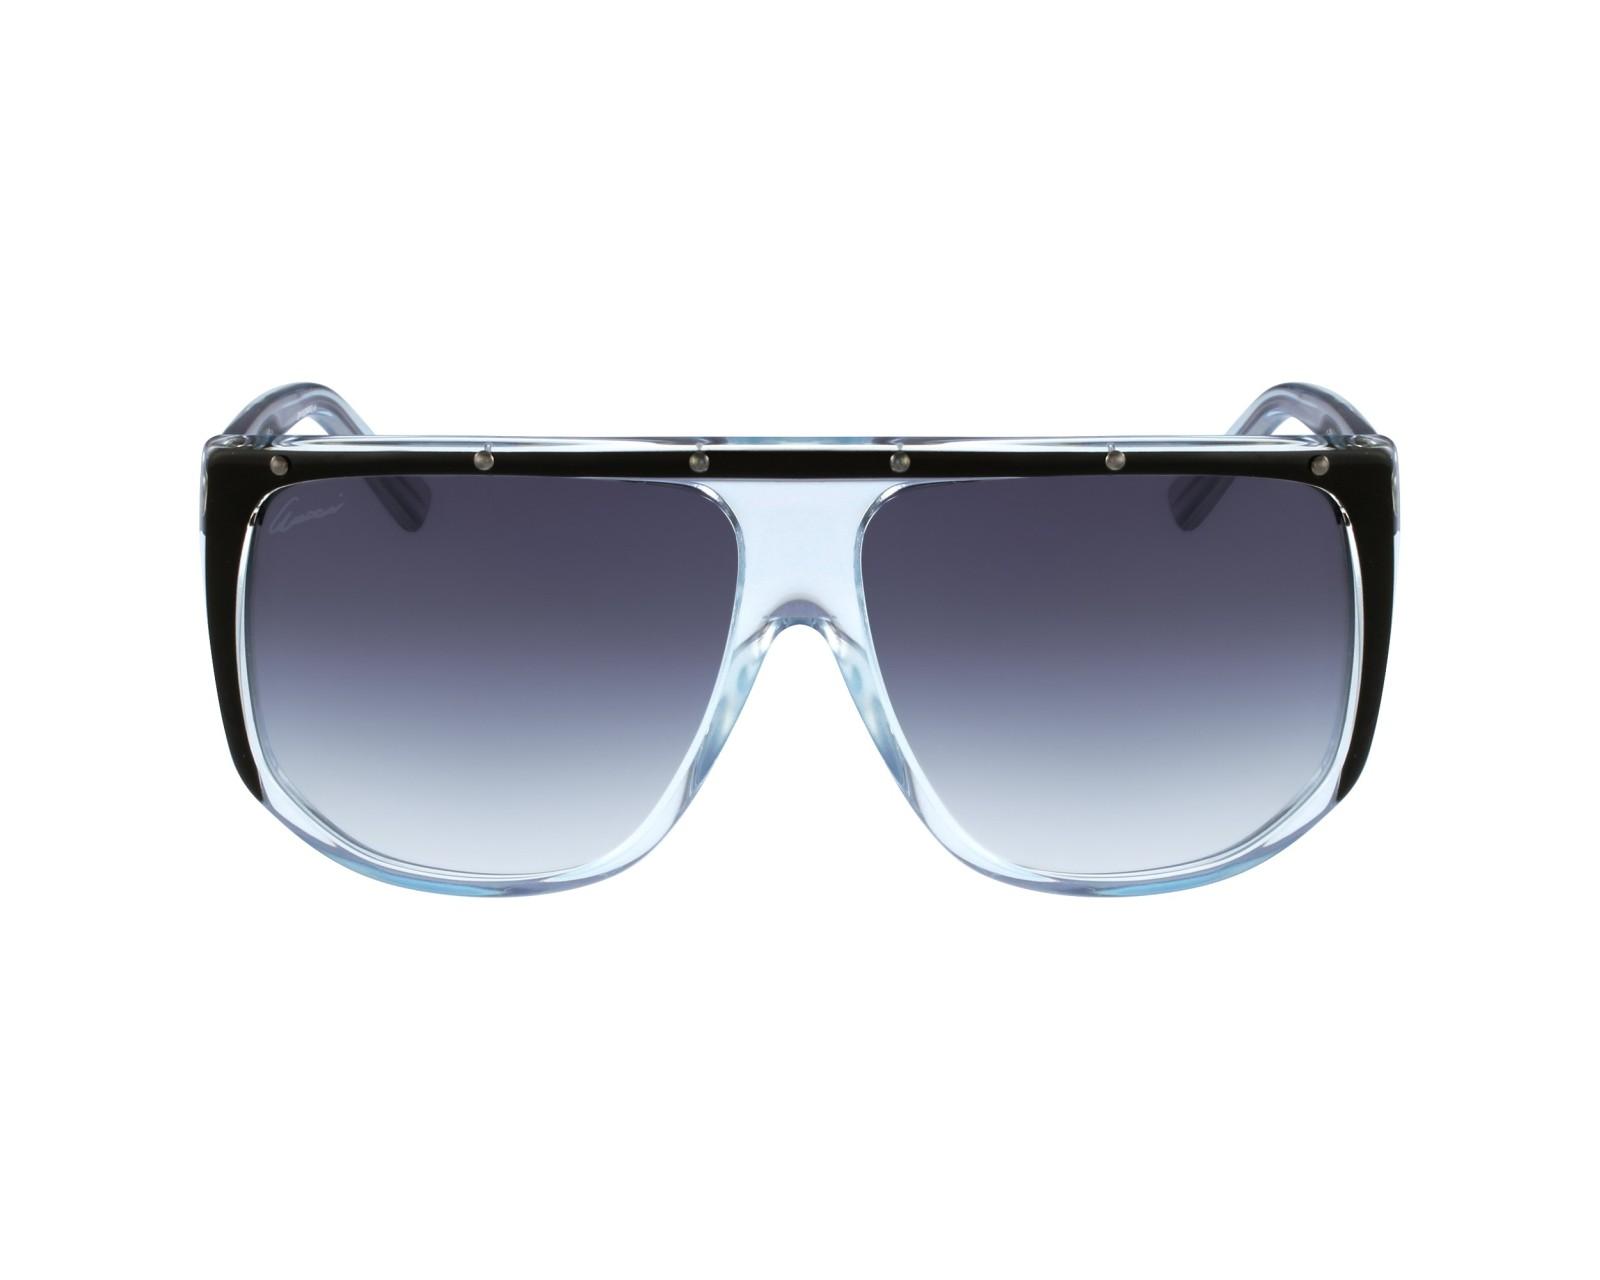 dcf519bc31d Sunglasses Gucci GG-3705-S 9UF LF - Black Blue sky profile view